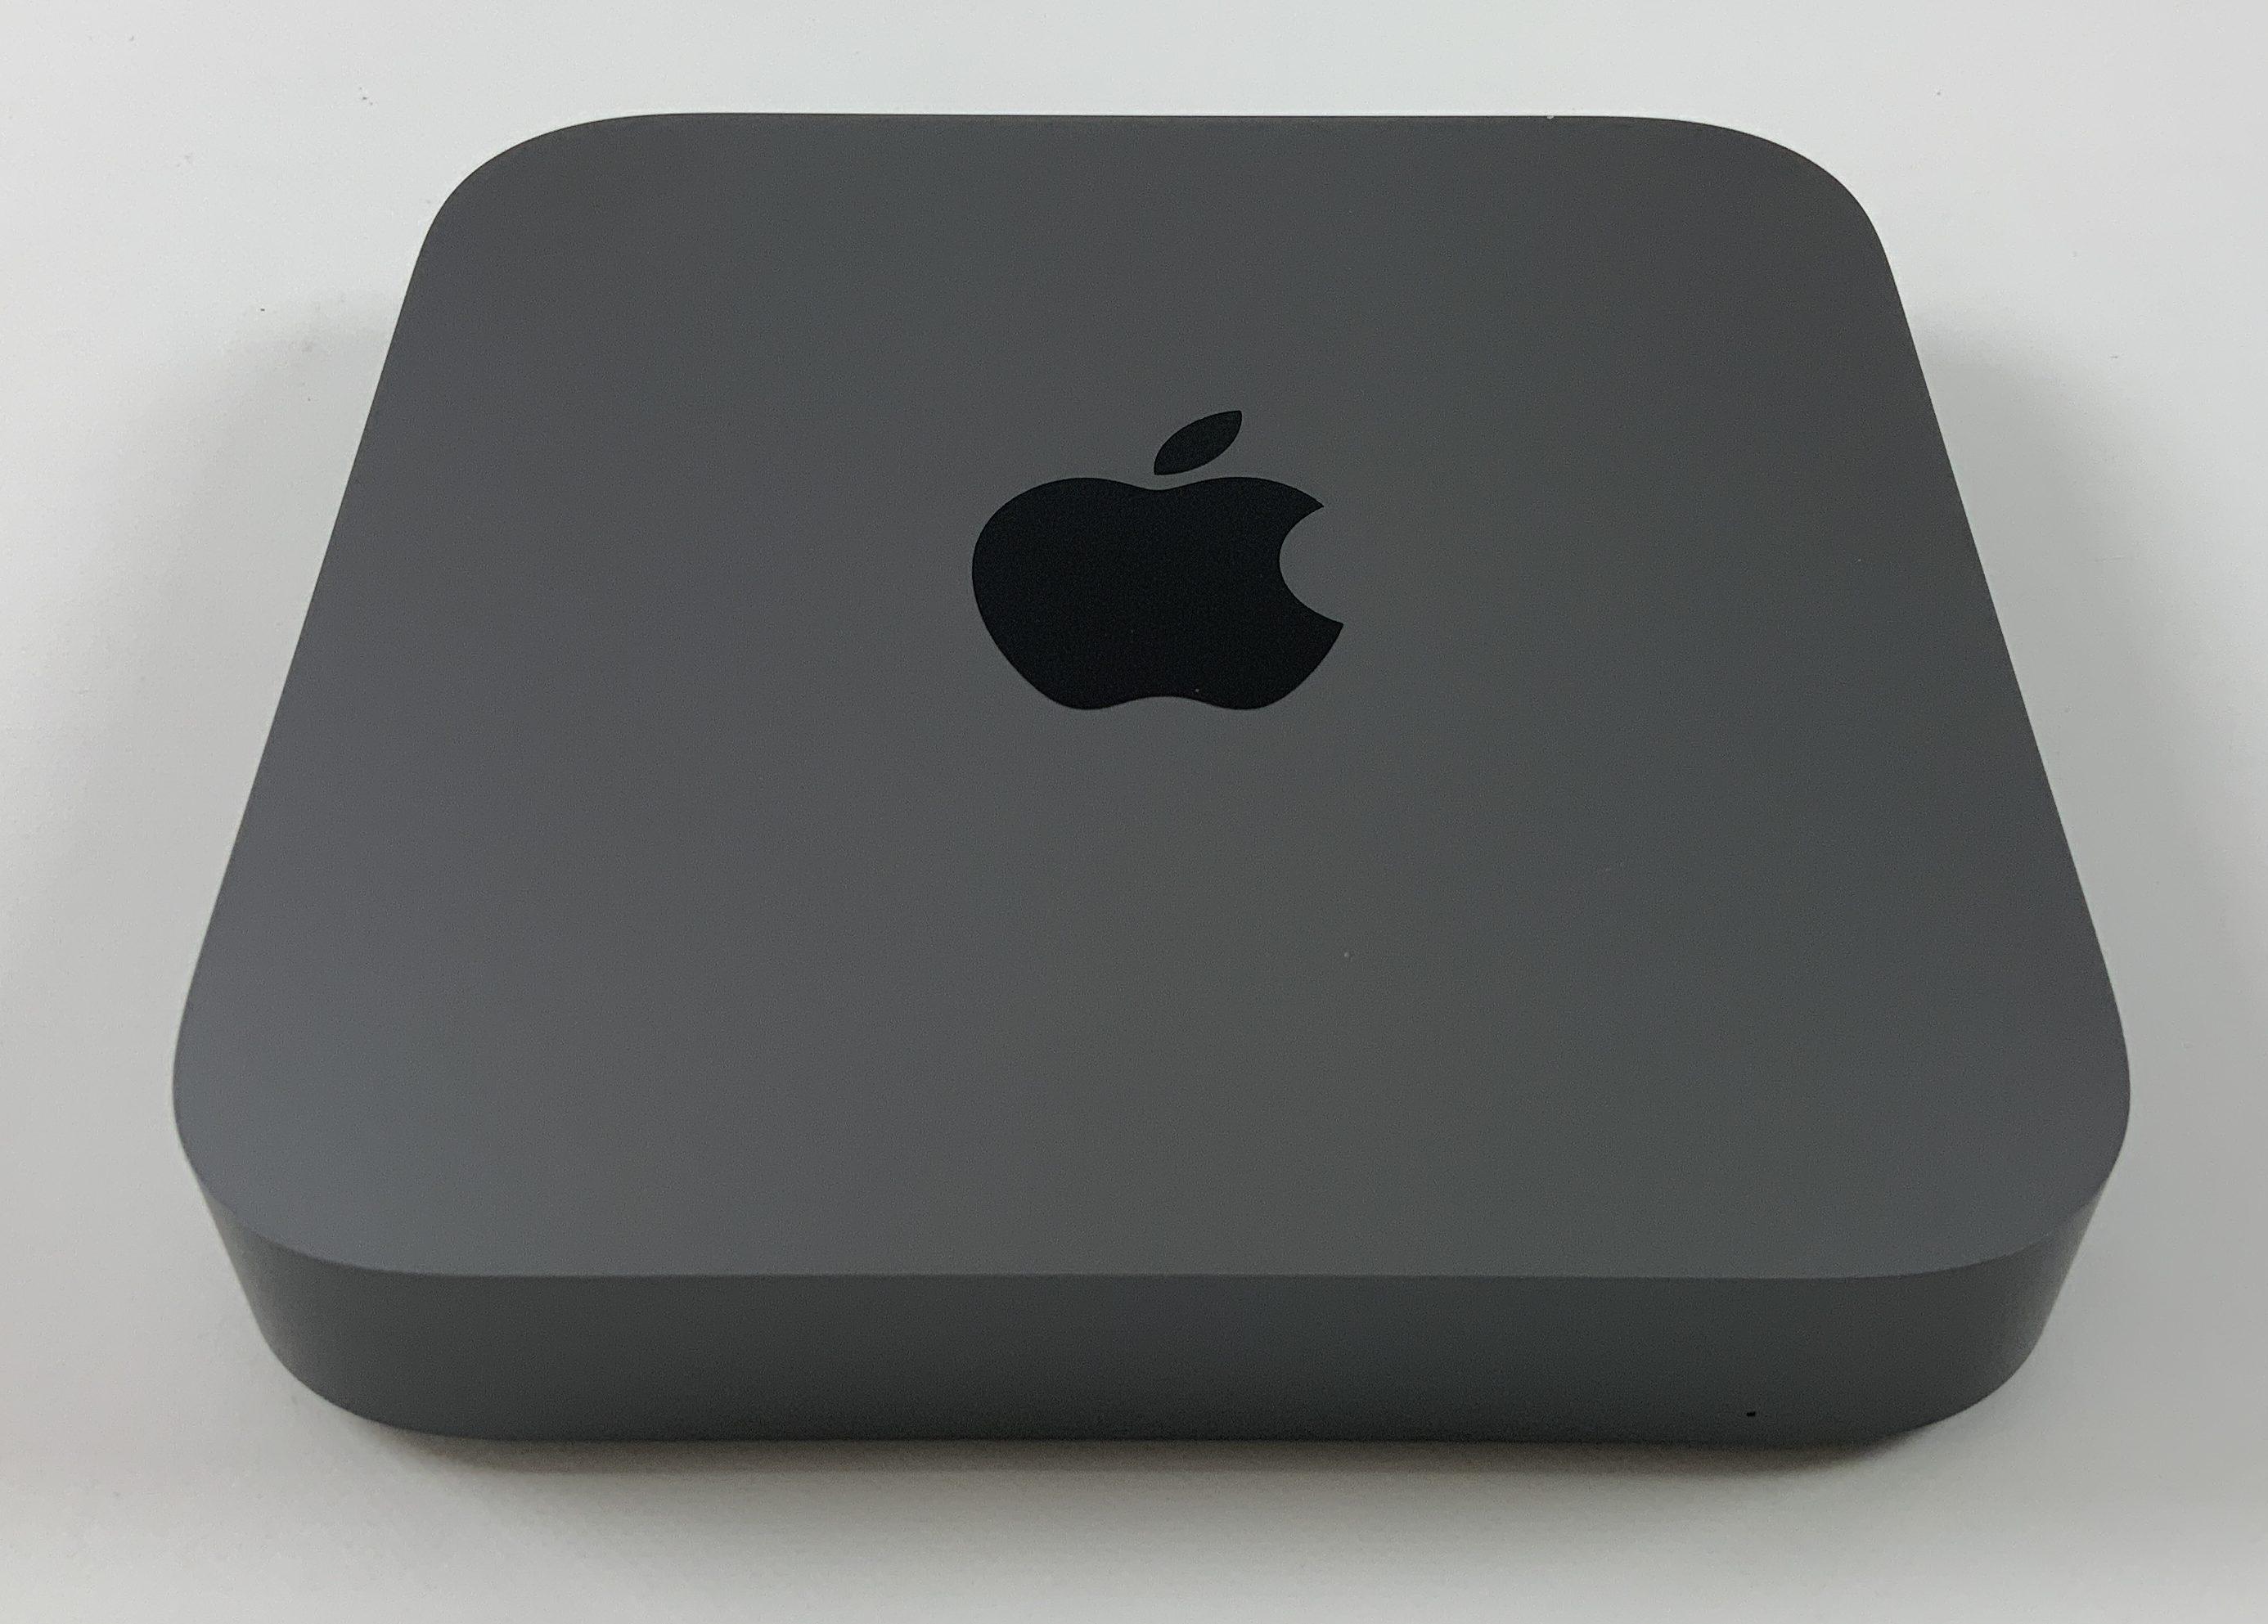 Mac Mini Late 2018 (Intel 6-Core i5 3.0 GHz 32 GB RAM 1 TB SSD), Intel 6-Core i5 3.0 GHz, 32 GB RAM, 1 TB SSD, Afbeelding 2